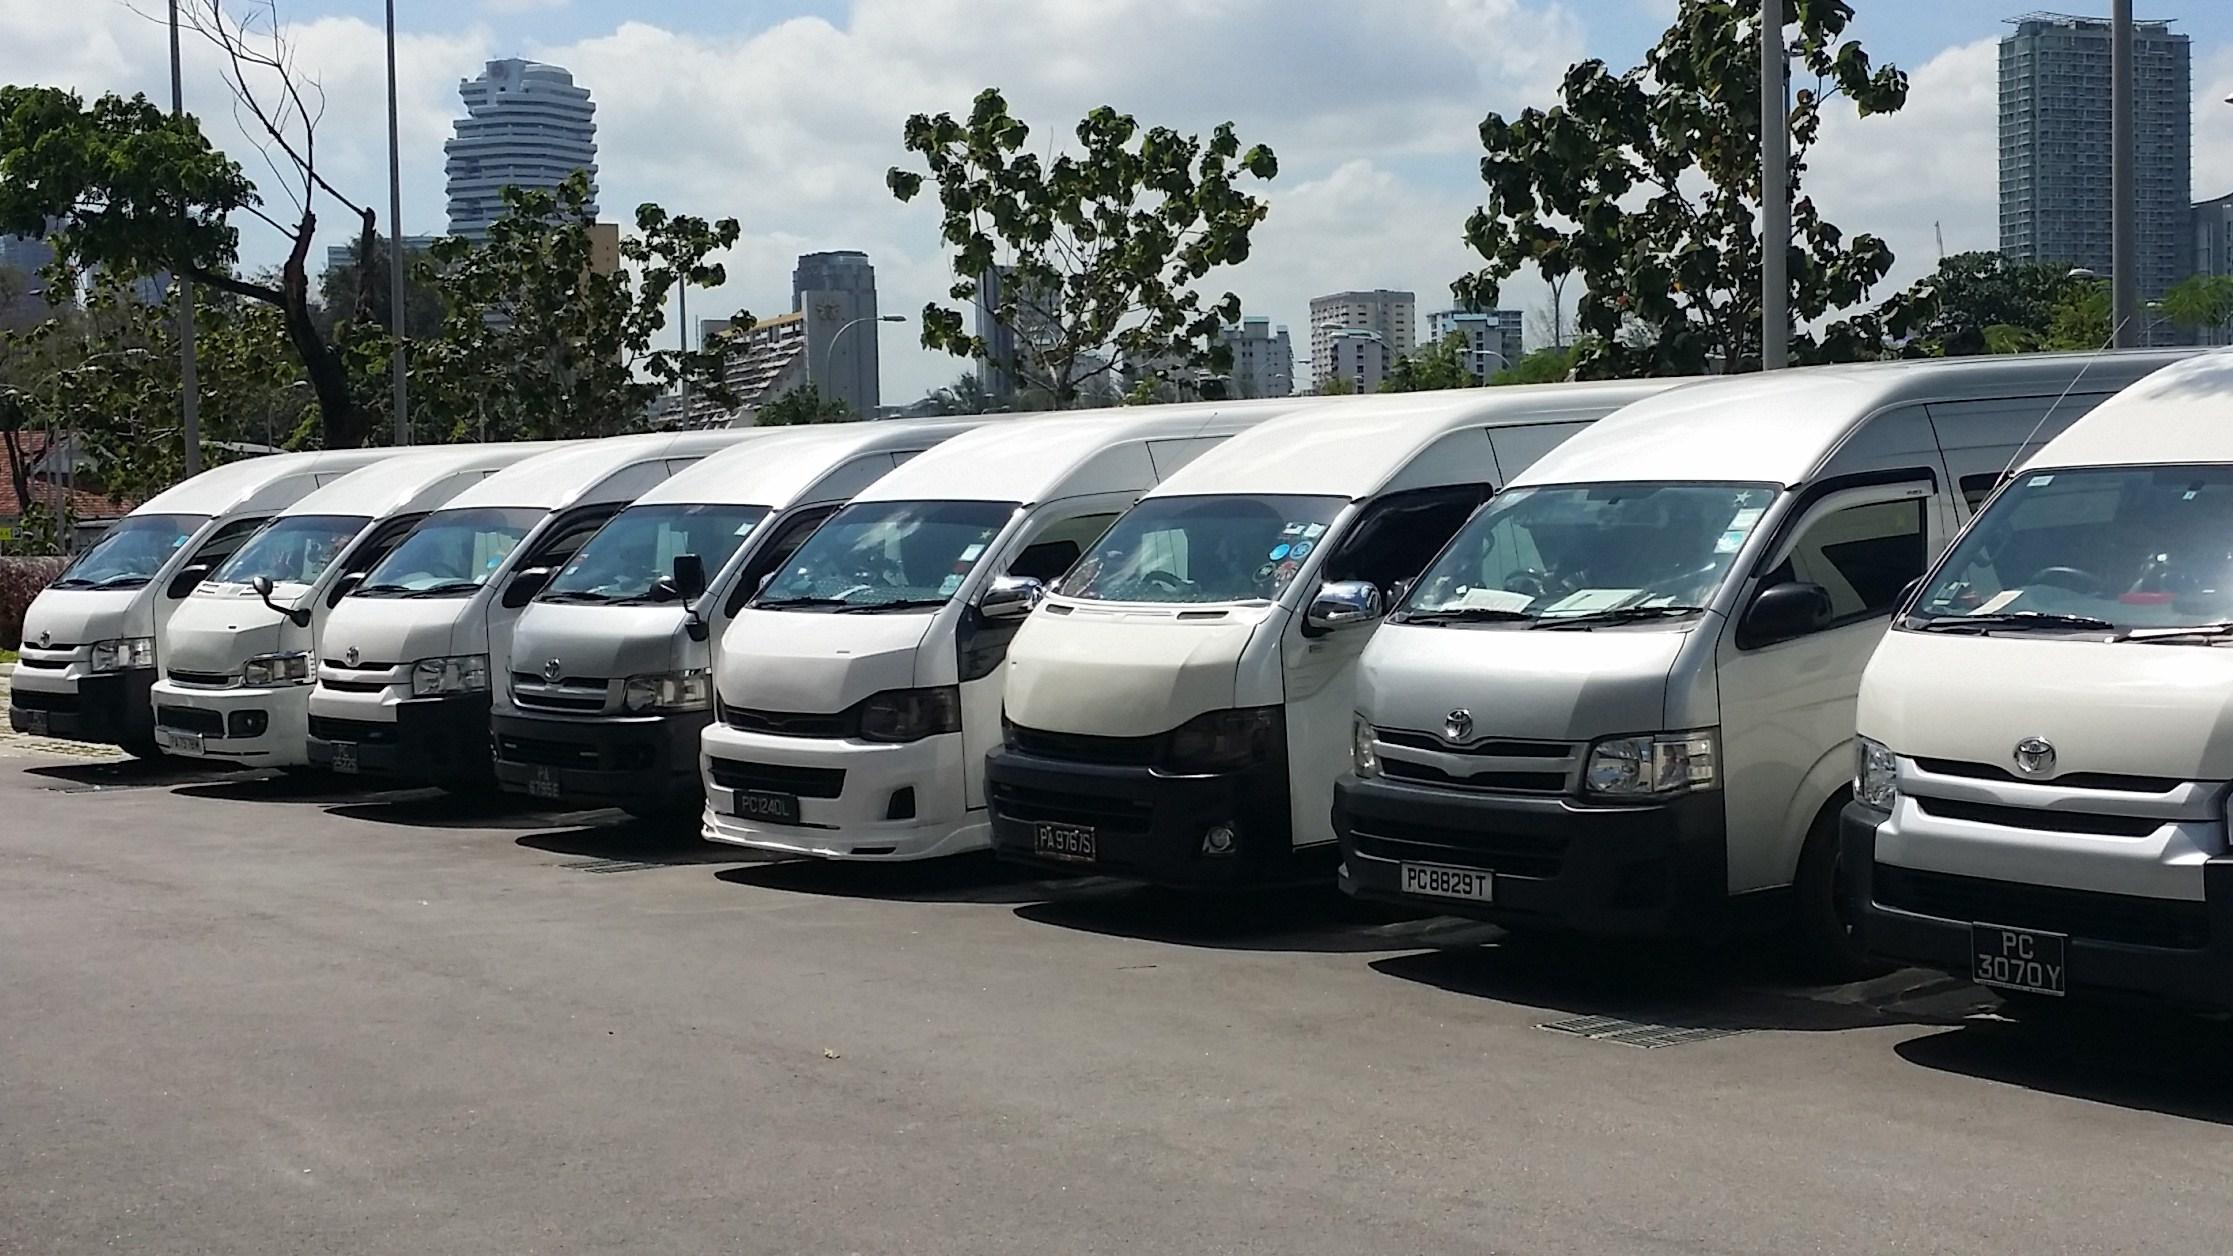 maxi cab 13 seater singapore